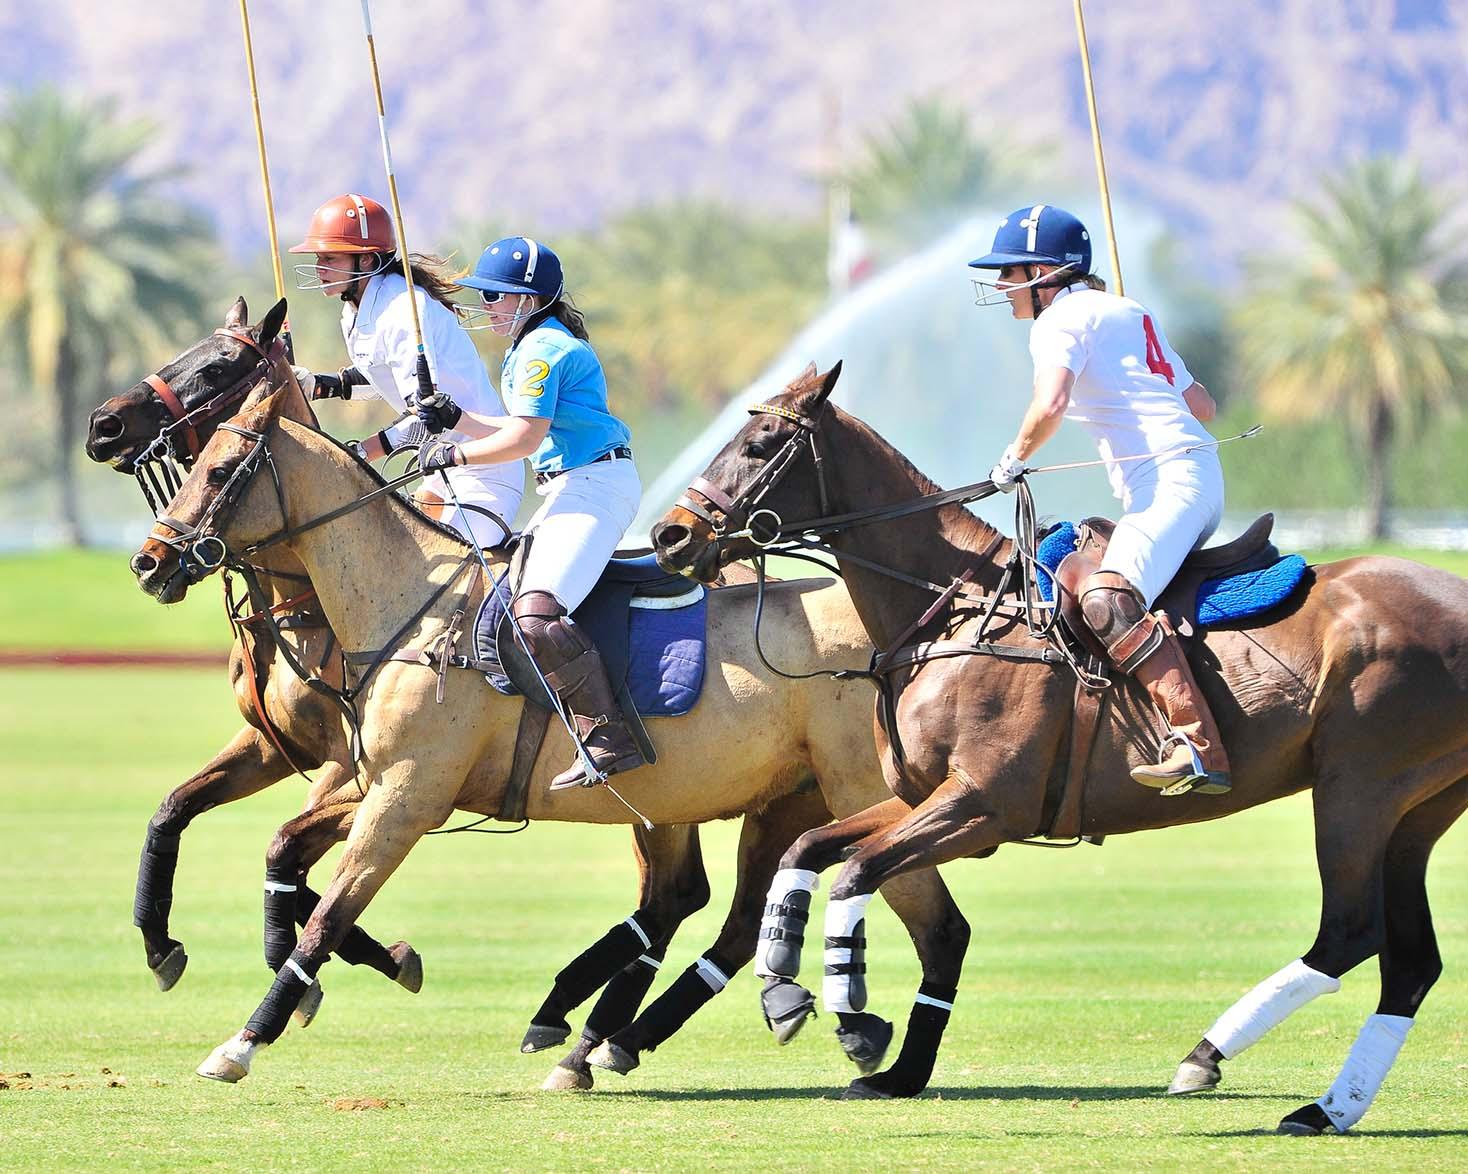 The California Desert: Eldorado Polo Club